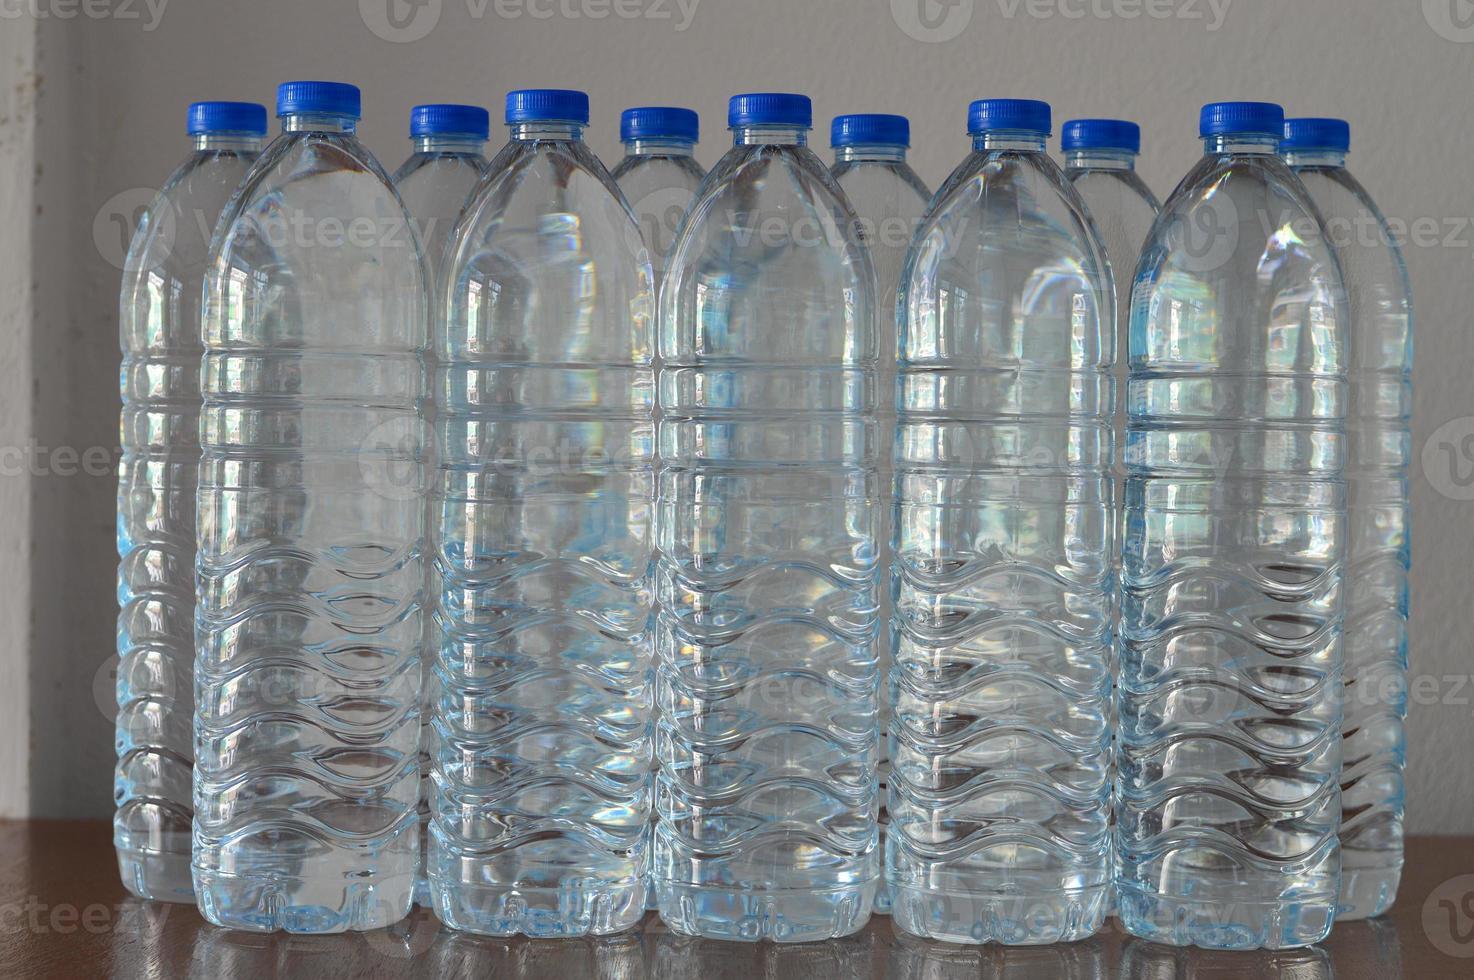 rader av vattenflaskor av plast på bordet foto